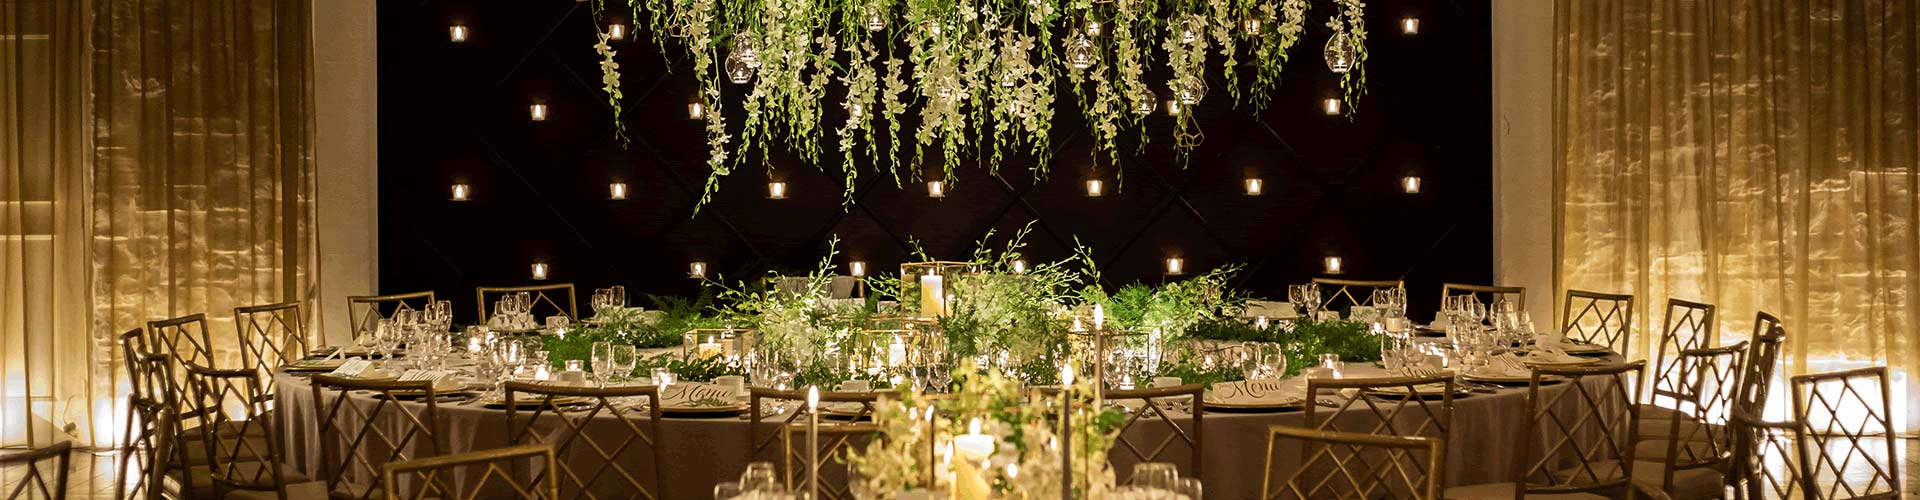 岡山の結婚式場 ザ マグリット Wedding ceremony ウェディングセレモニー 新郎新婦 幸せな空間 婚姻 感激の涙 圧倒 影響 感動の渦